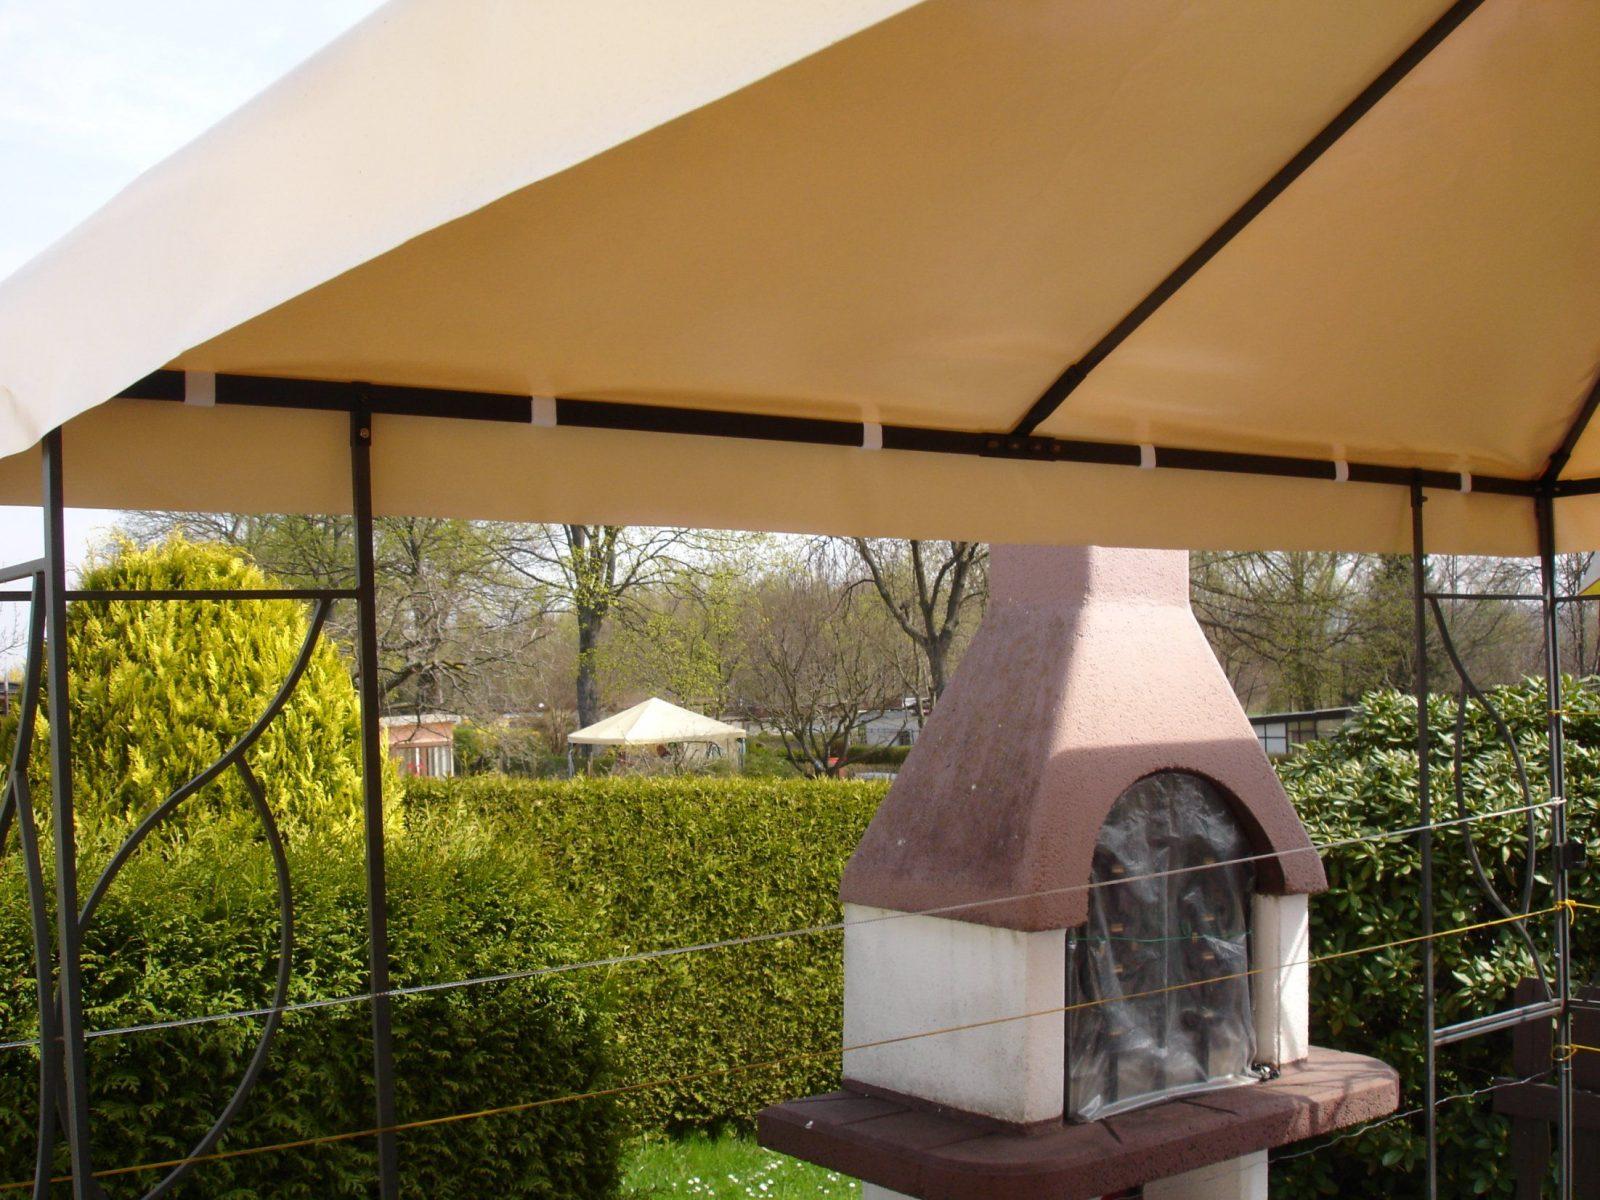 Garten & Freizeit  Zeltvermietung Zwickau von Pavillondach Aus Lkw Plane Photo